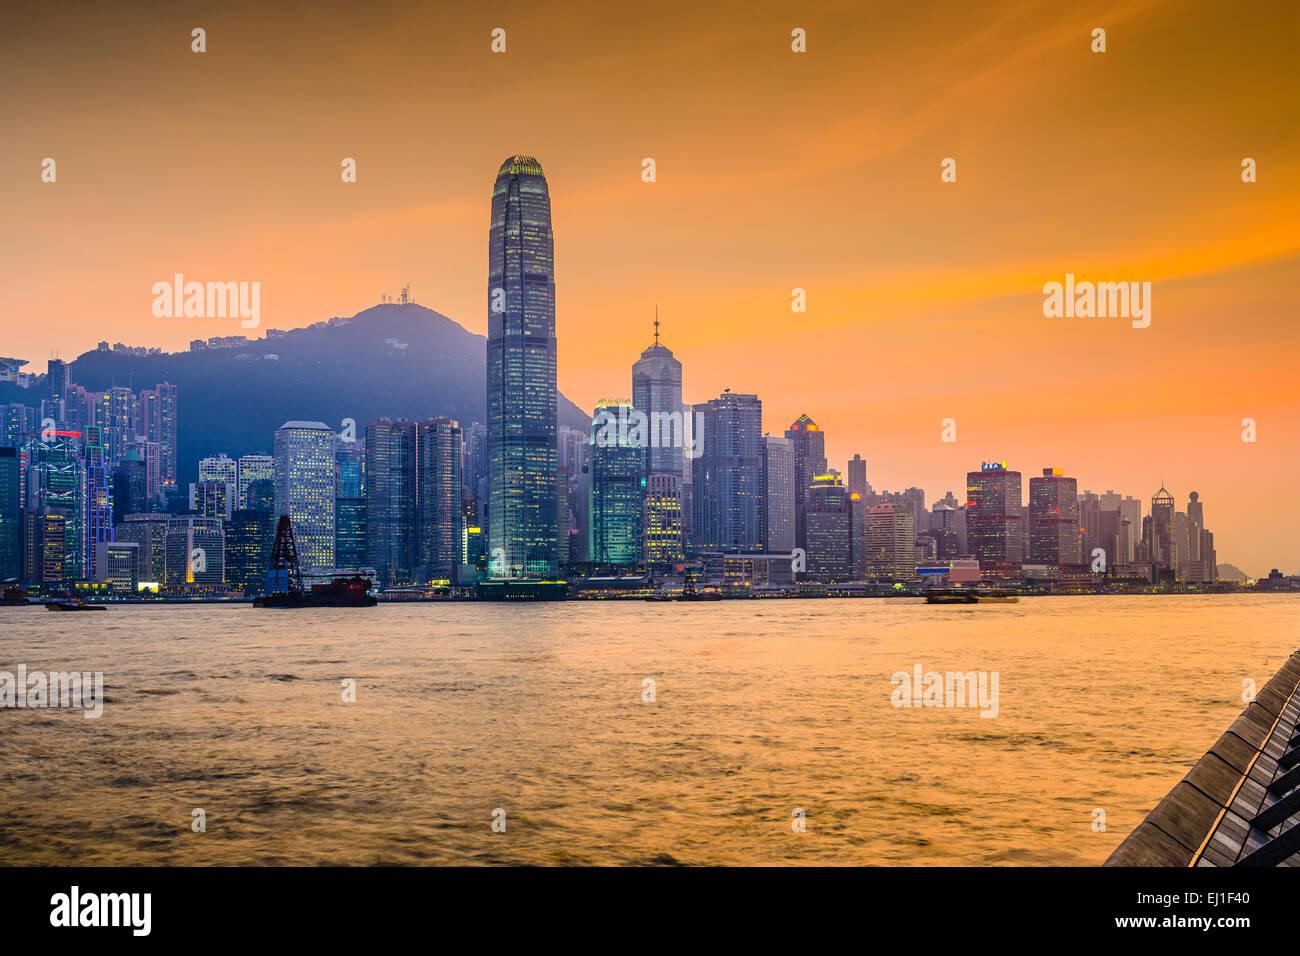 Hong Kong, China cityscape at Victoria Harbor. - Stock Image